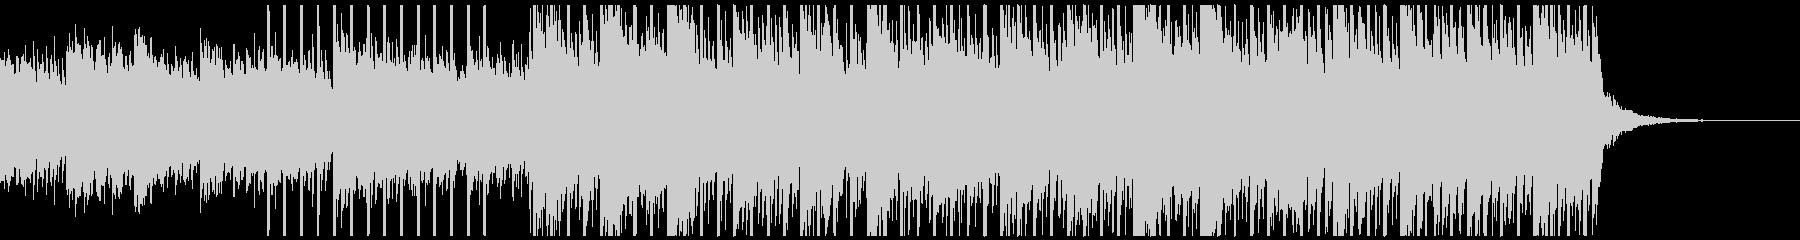 印象的なピアノ/企業VP系05bの未再生の波形